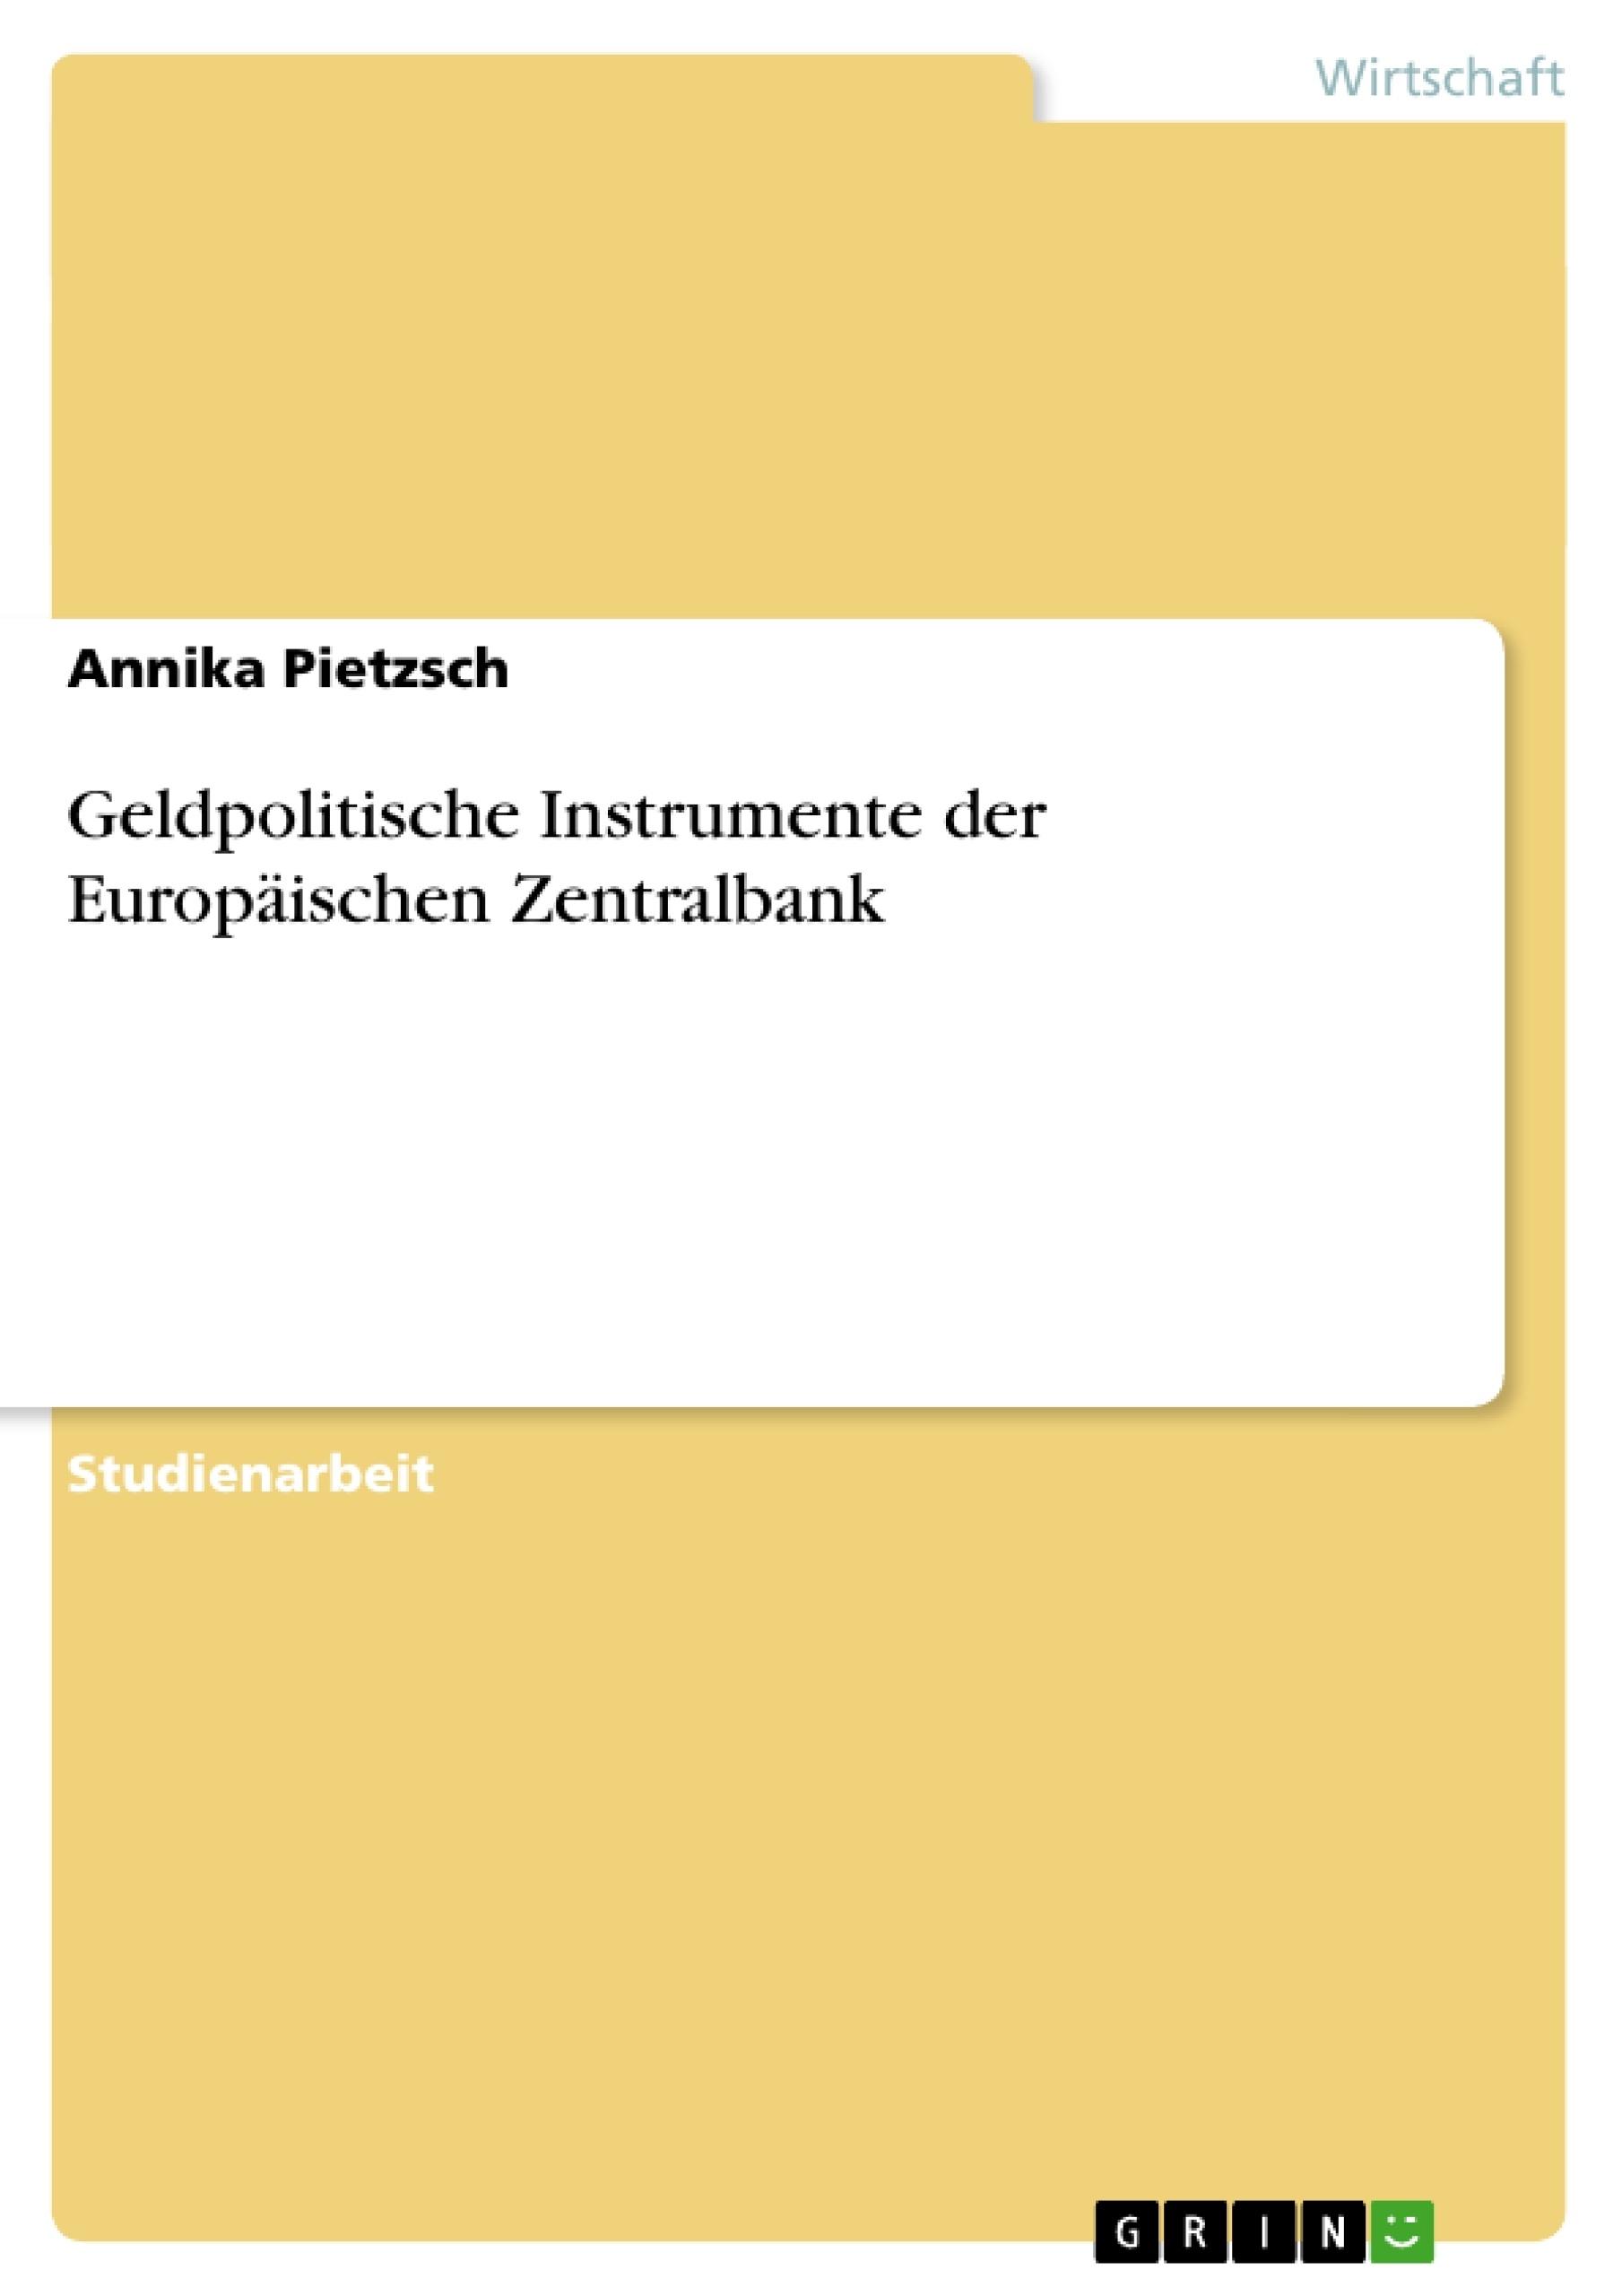 Titel: Geldpolitische Instrumente der Europäischen Zentralbank